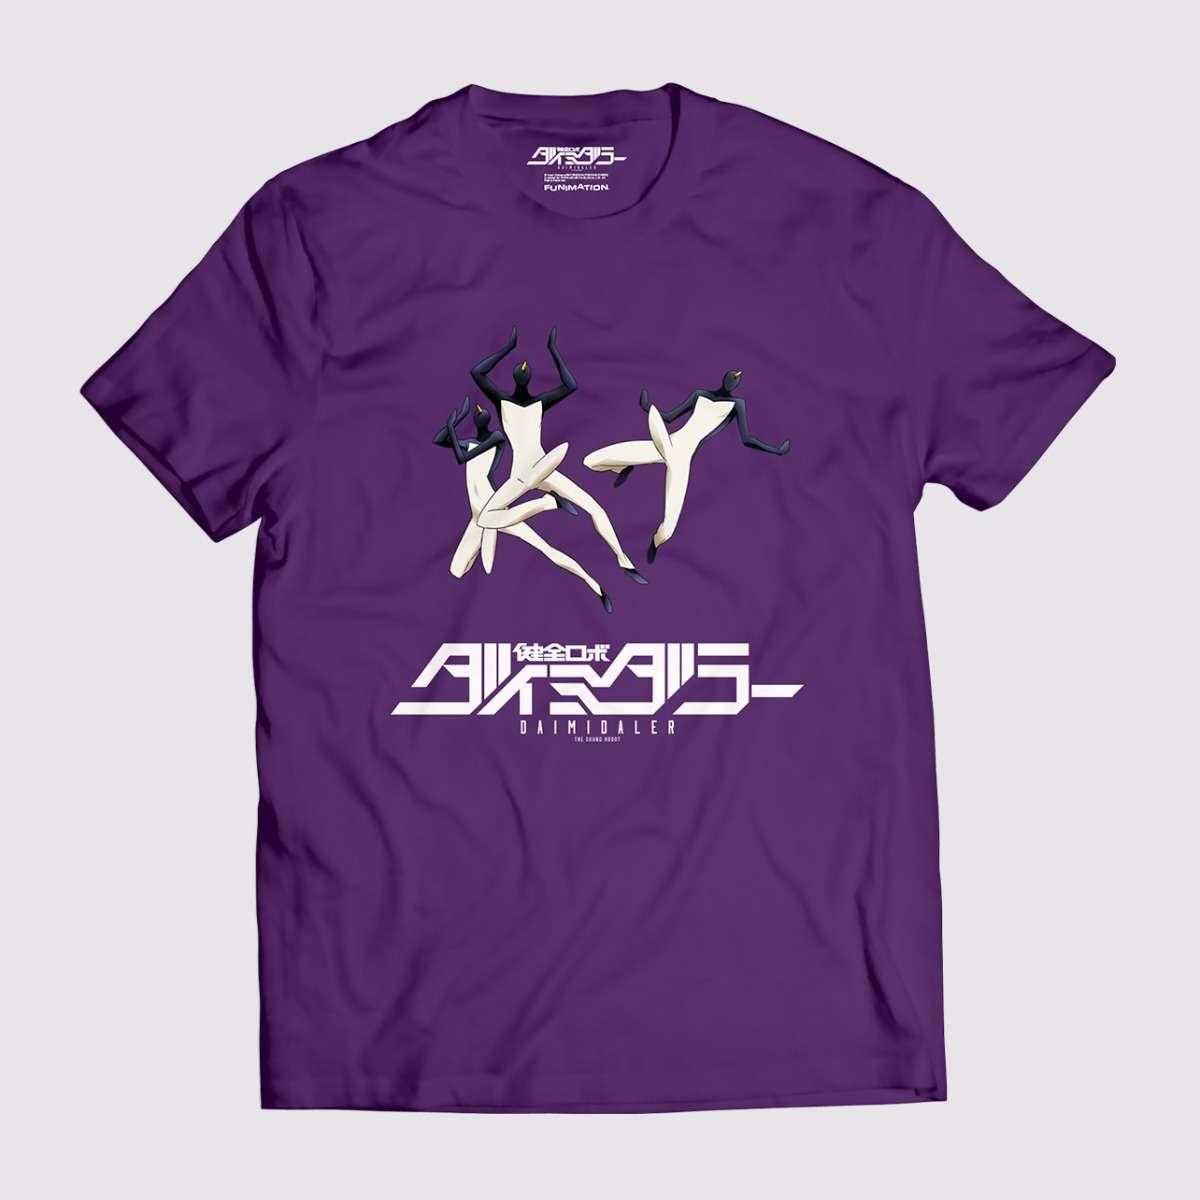 Daimidaler Prince Vs Penguin Empire T Shirt Purple